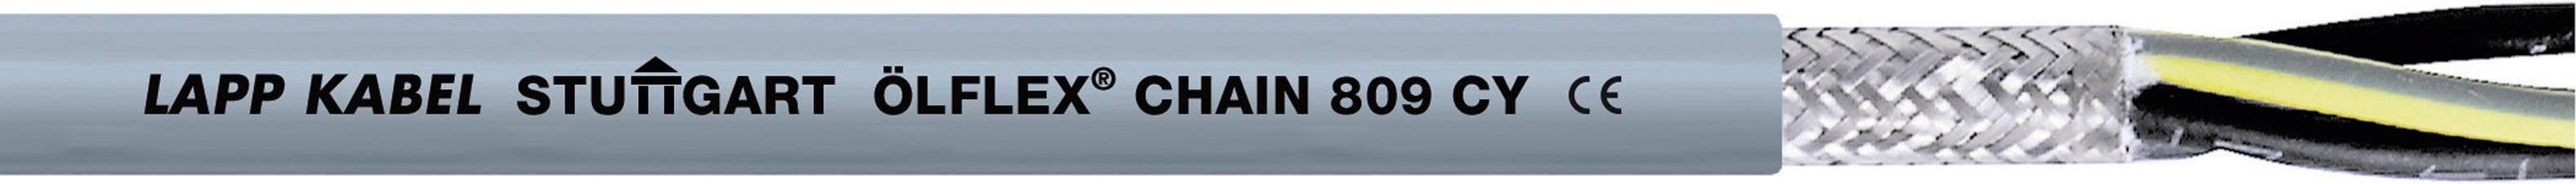 Žíla kabelu LappKabel ÖLFLEX CHAIN 809 CY 7G1,5 (1026779), 7x 1,5 mm², PVC, Ø 10,9 mm, stíněný, 100 m, šedá